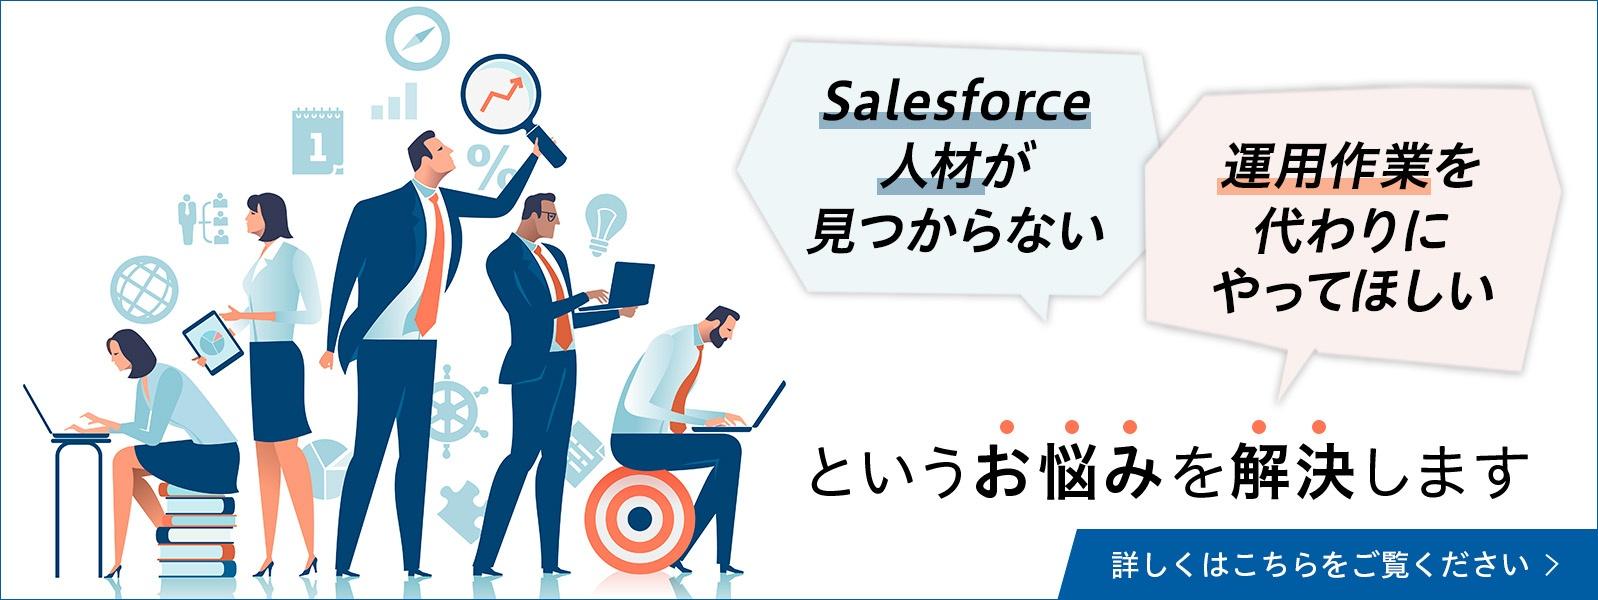 Actii – Salesforce管理者の常駐支援サービス